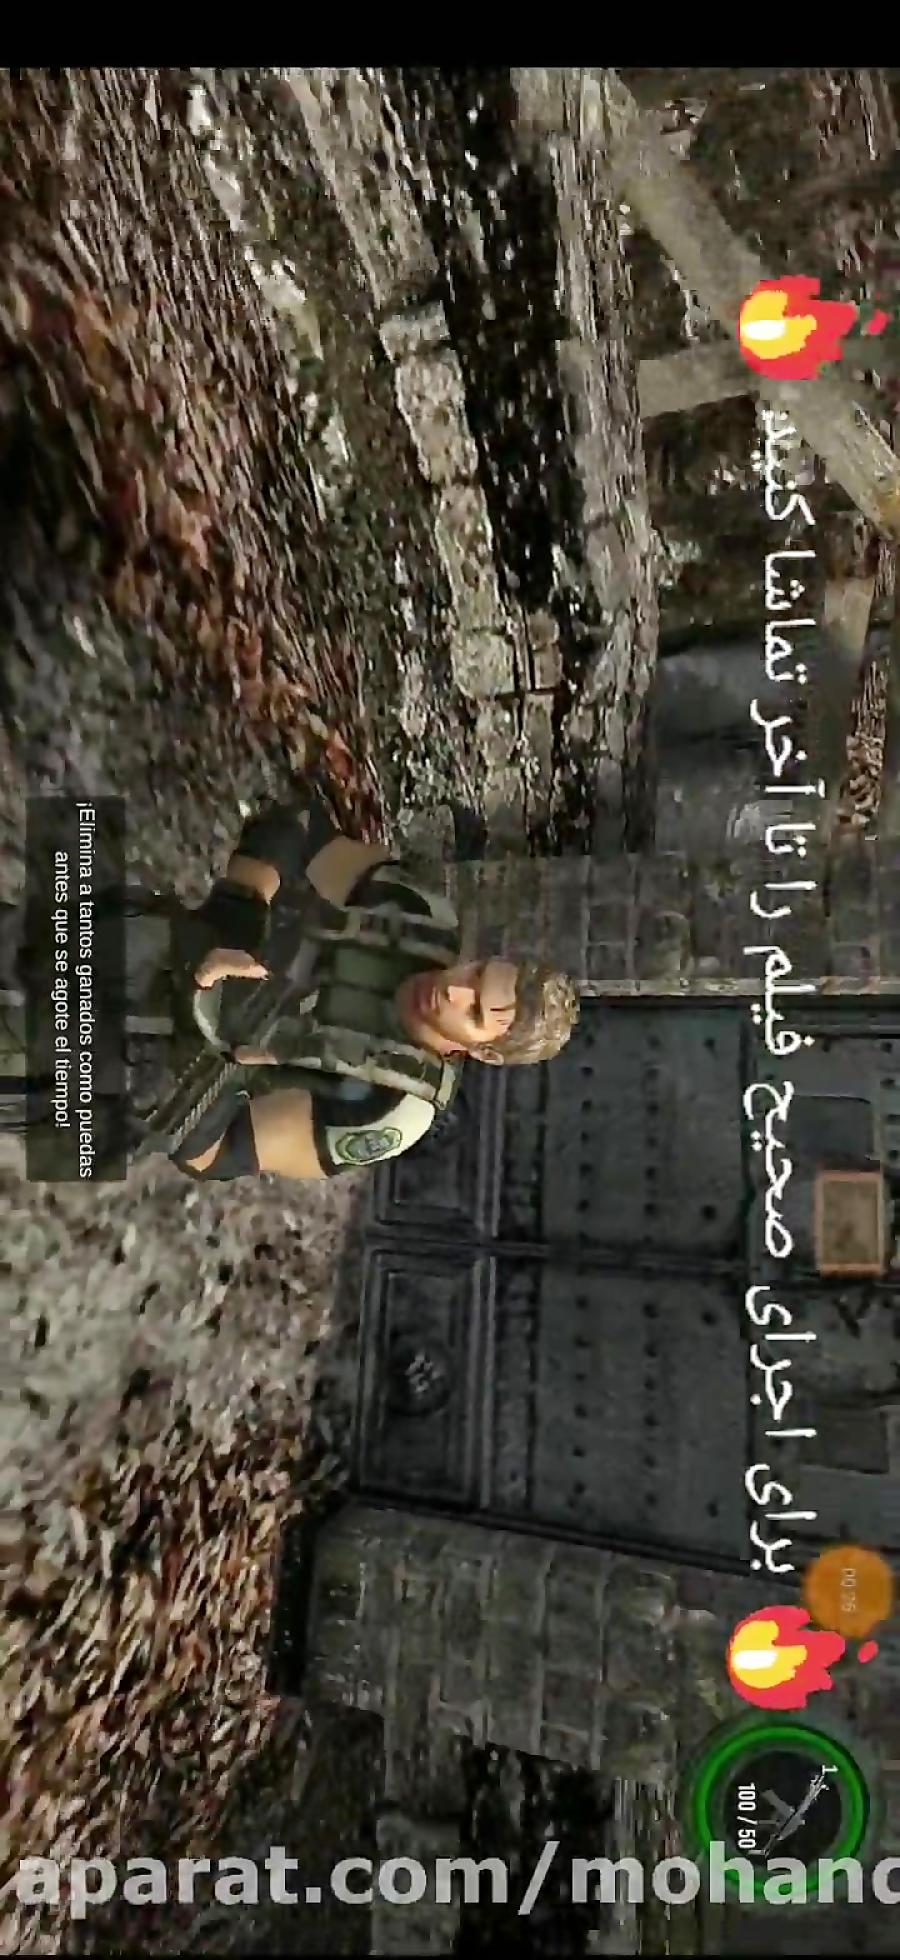 اویل۴ اندروید-نسخه(مرسناری)